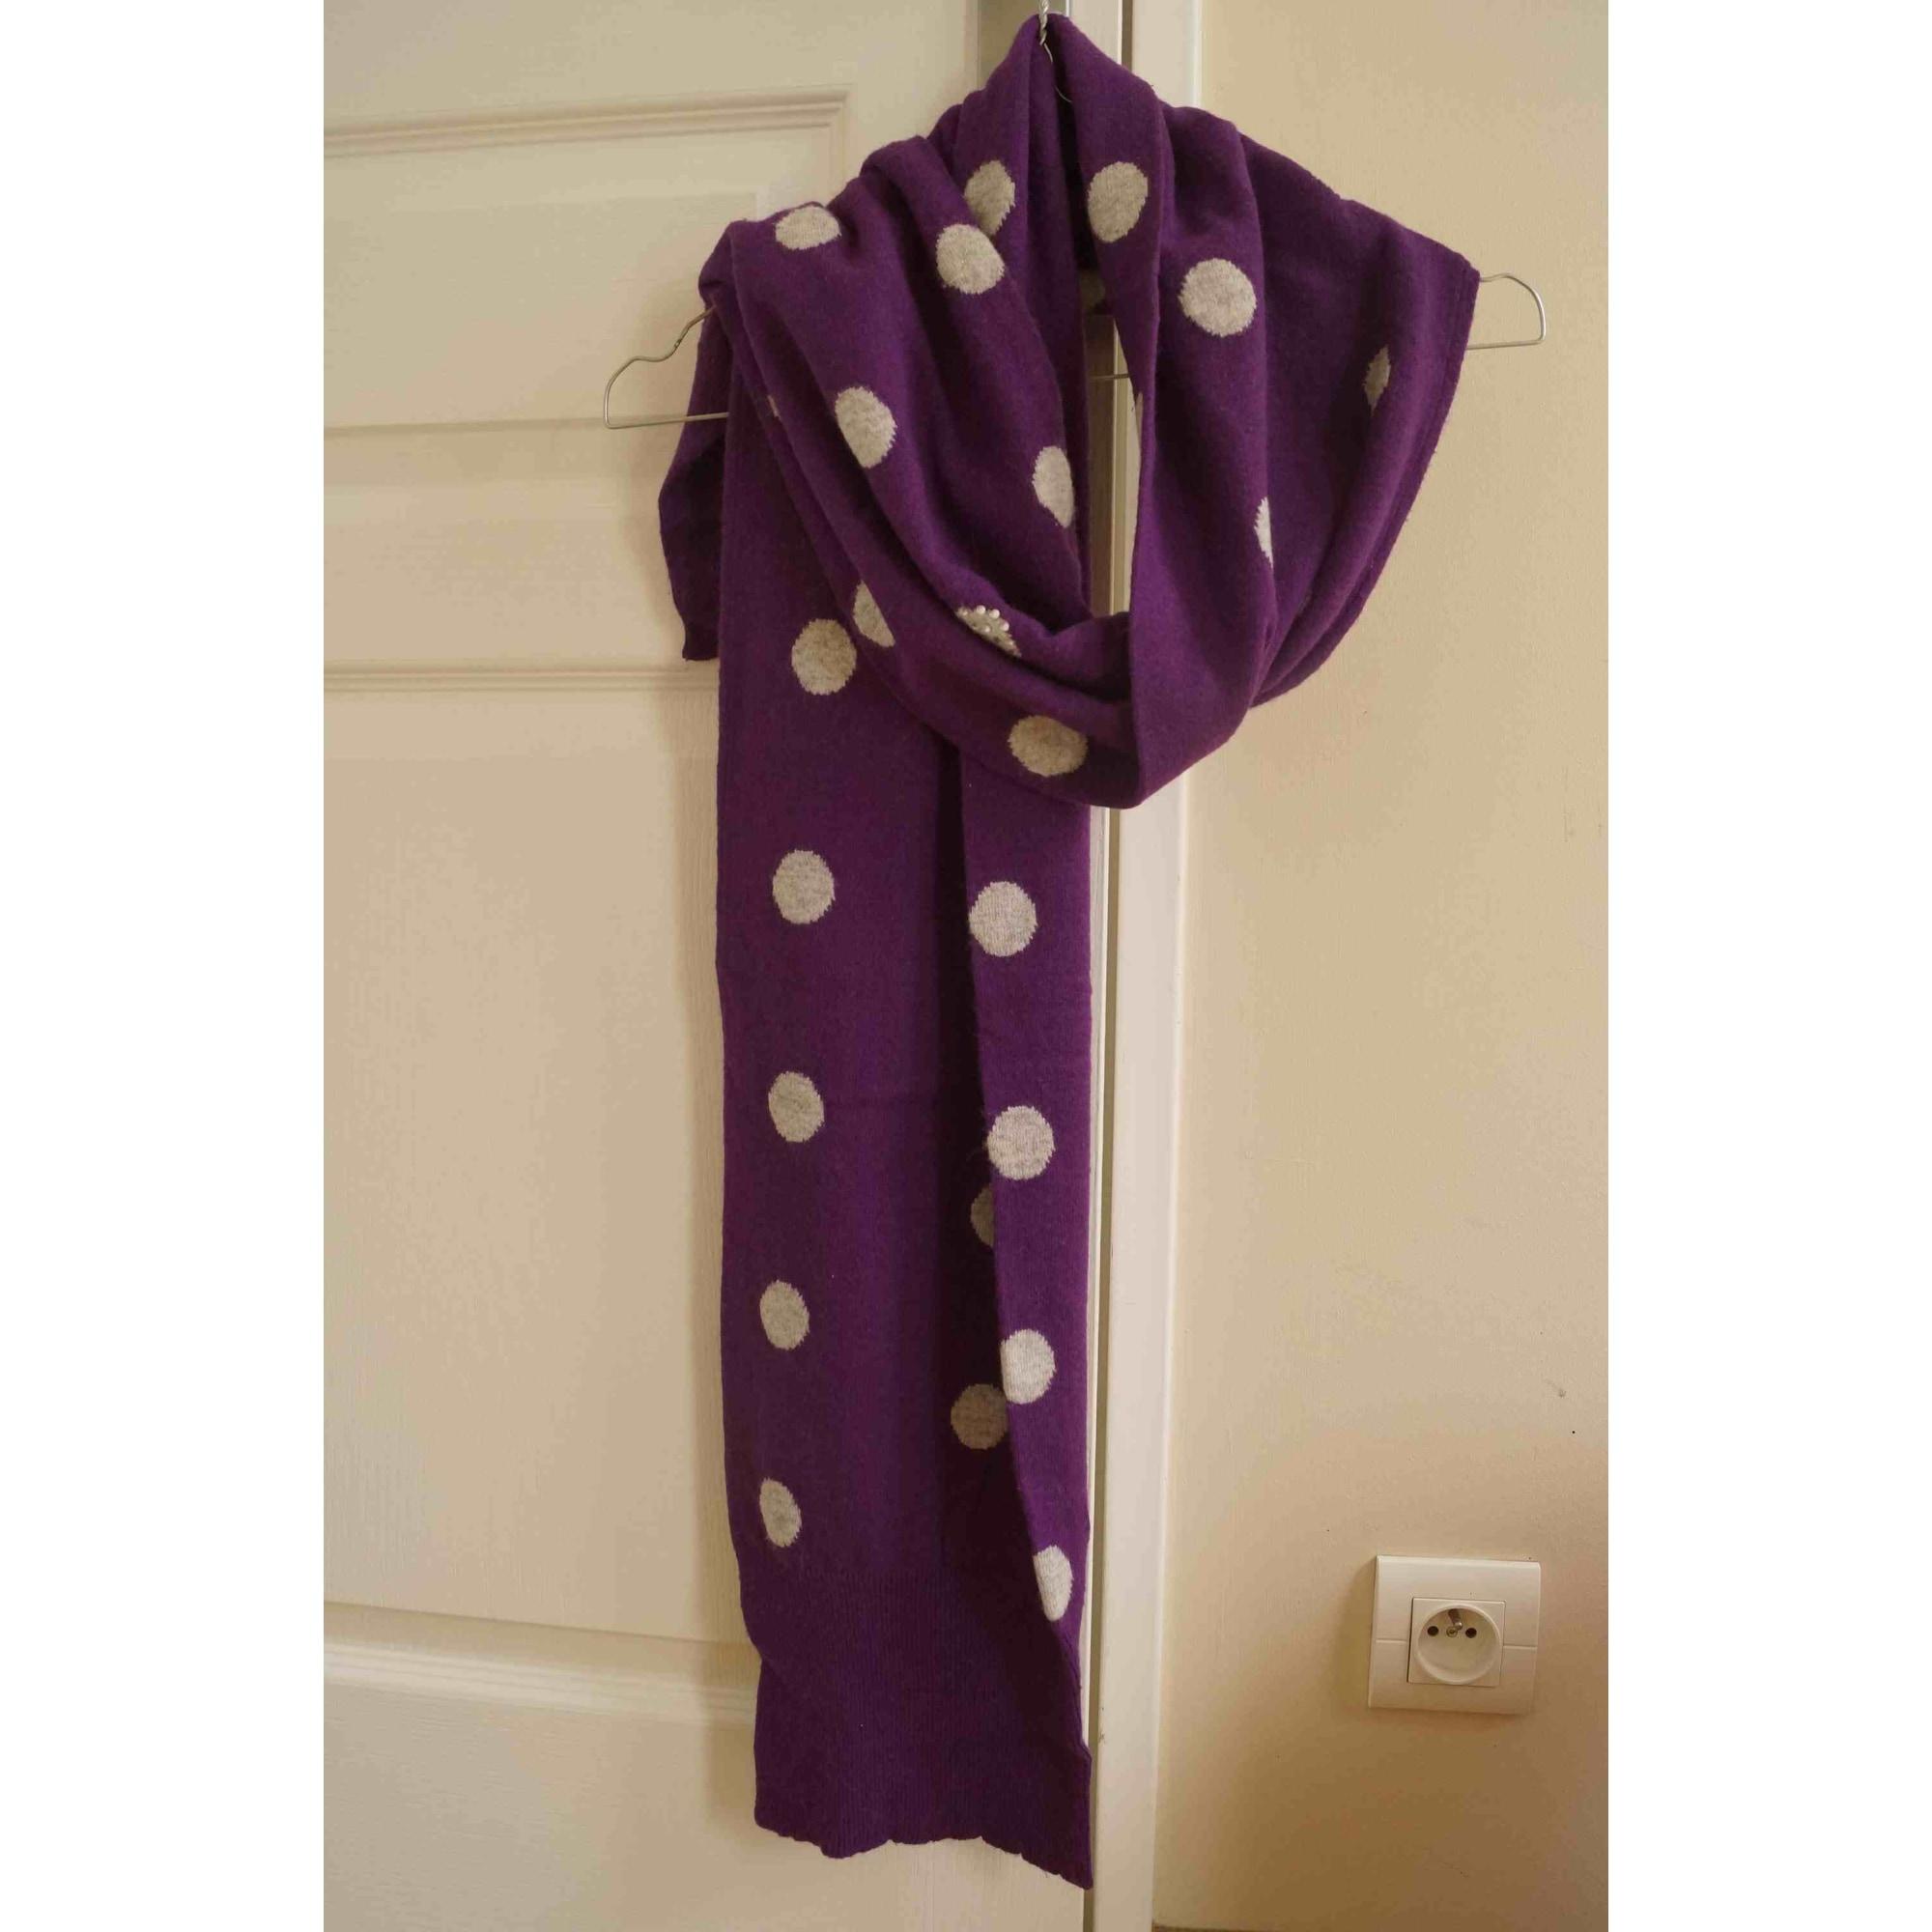 e0c46c73ec31 Echarpe 1.2.3 violet vendu par Orchidee184108 - 4268995